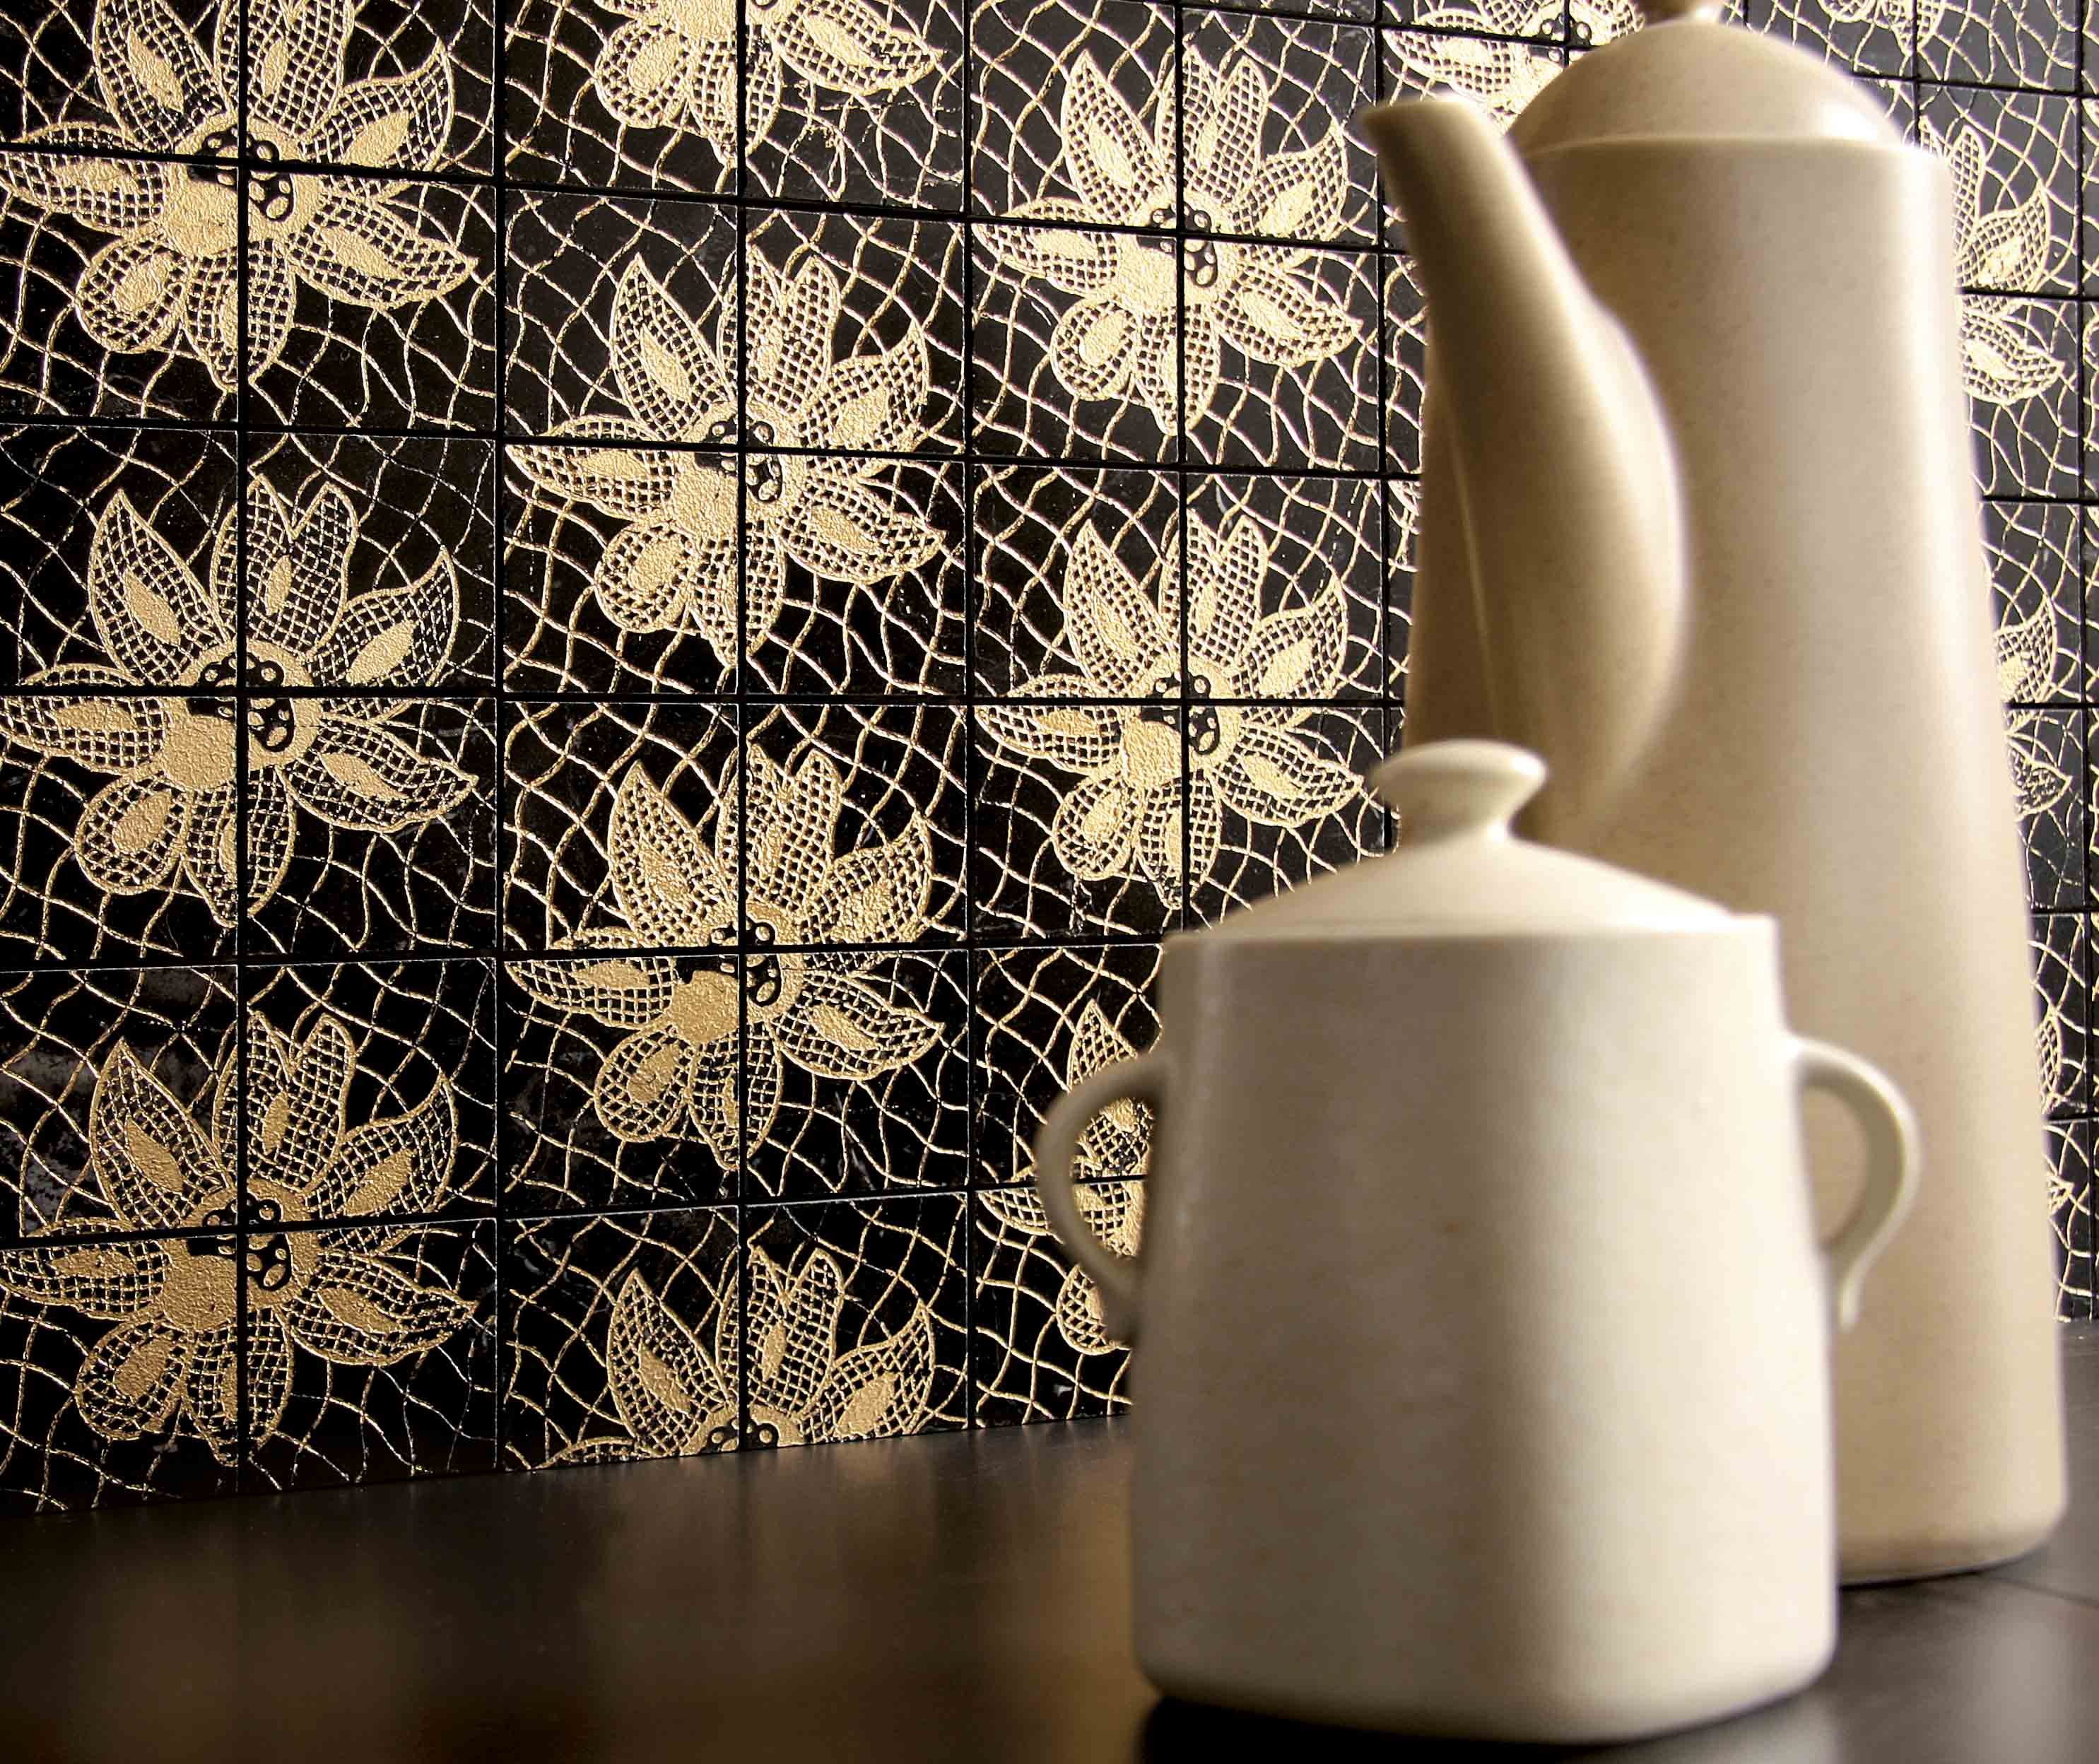 Lithos Mosaico Italia Romantic 50 NERO - gold